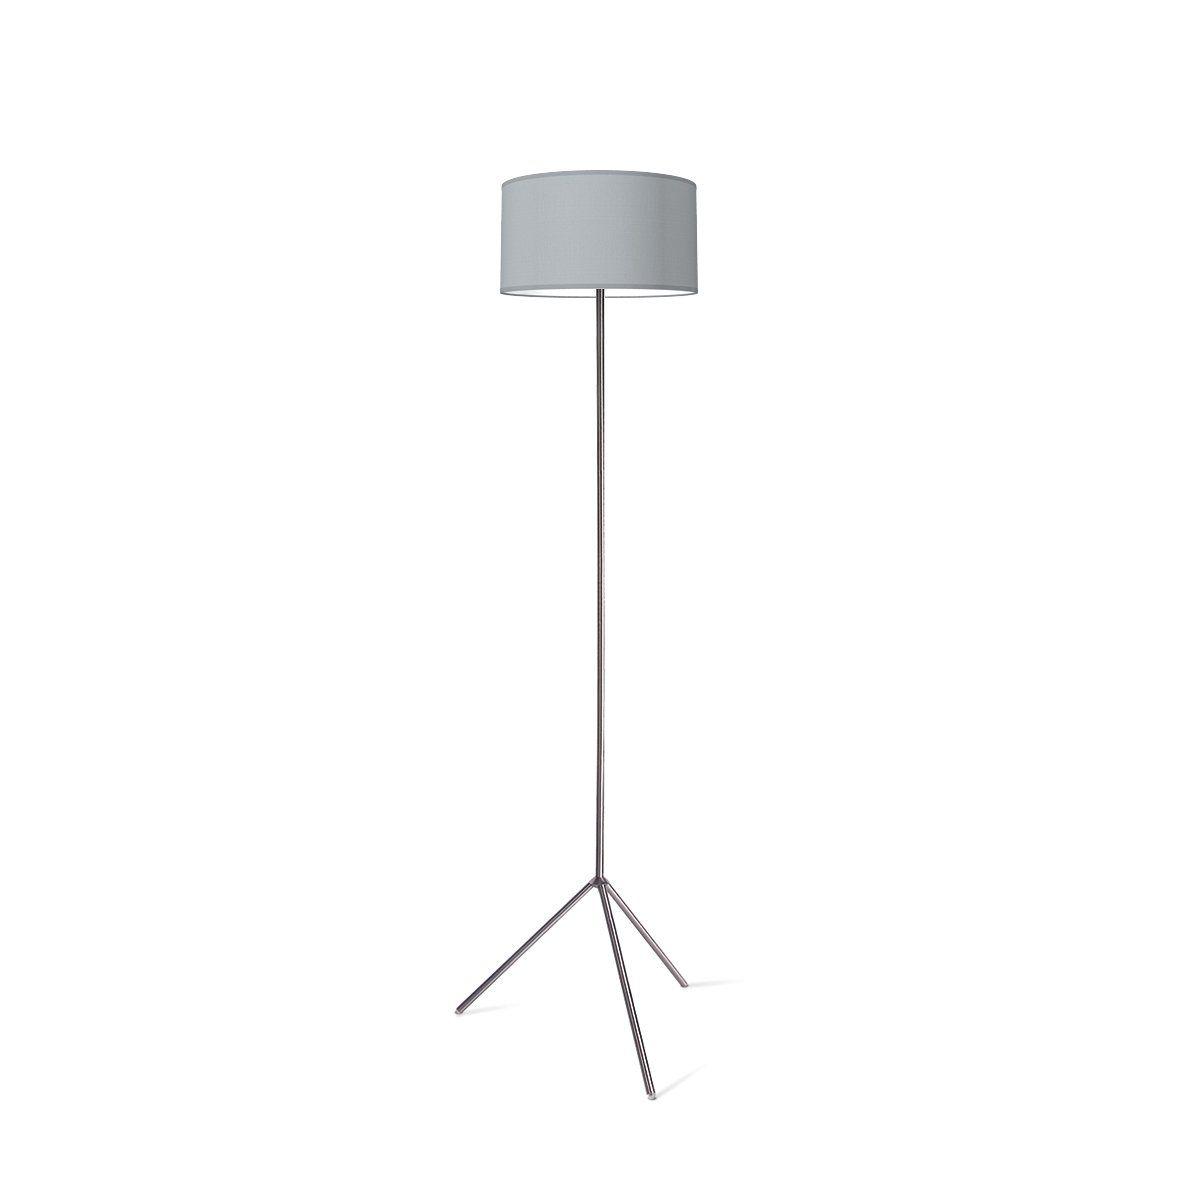 vloerlamp Karma Bling Ø 40 cm - lichtgrijs